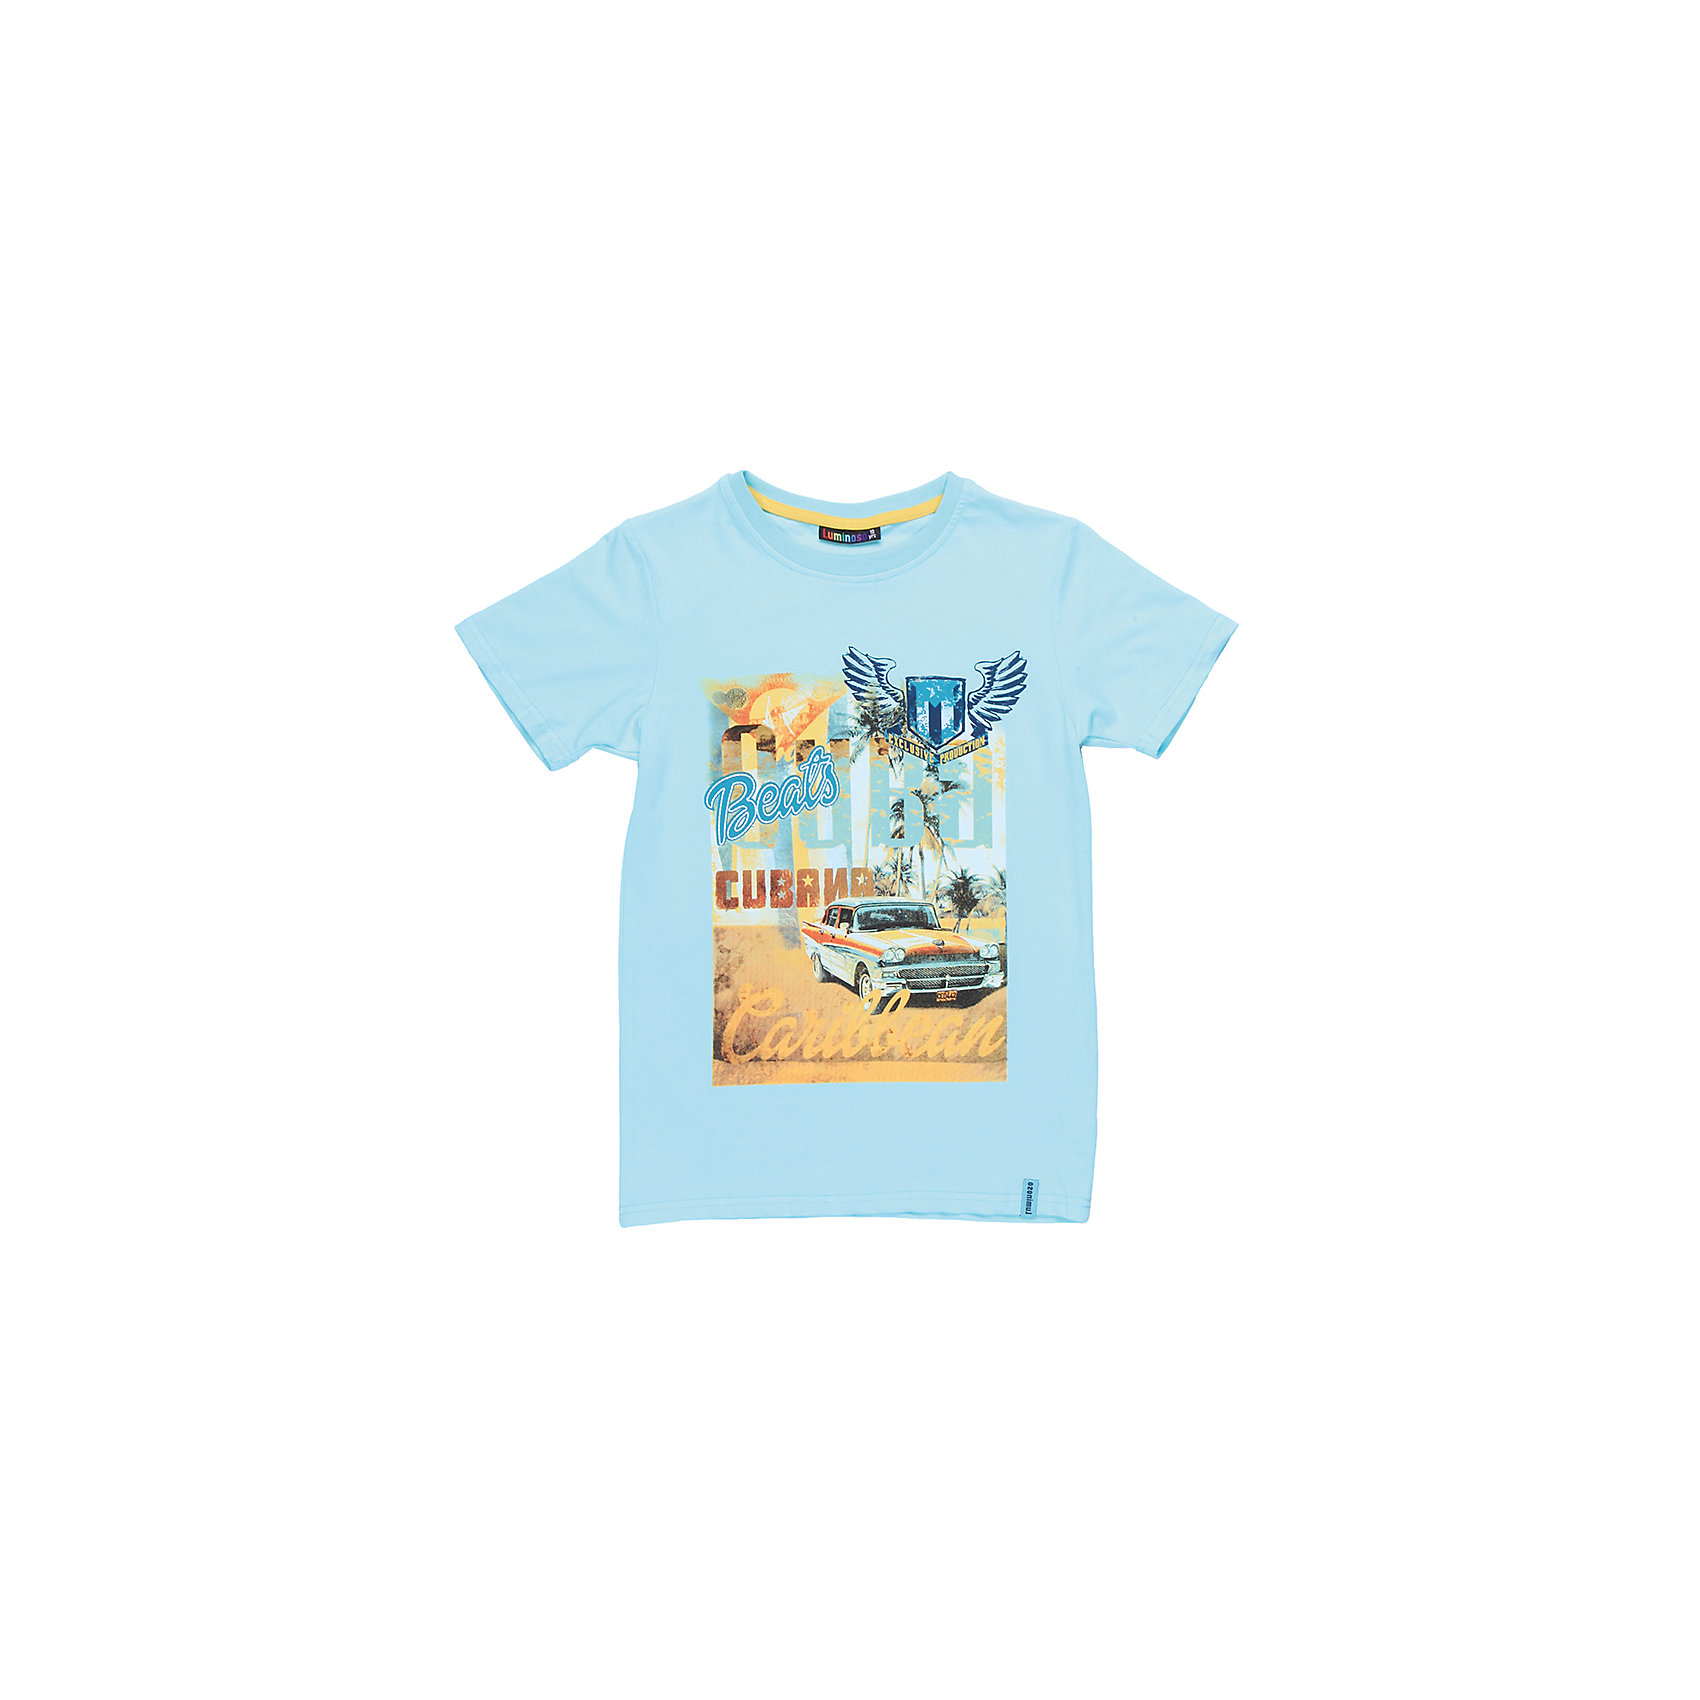 Футболка для мальчика LuminosoФутболки, поло и топы<br>Стильная футболка из трикотажной ткани для мальчика с коротким рукавом. Декорирована ярким принтом<br>Состав:<br>95%хлопок 5%эластан<br><br>Ширина мм: 199<br>Глубина мм: 10<br>Высота мм: 161<br>Вес г: 151<br>Цвет: голубой<br>Возраст от месяцев: 108<br>Возраст до месяцев: 120<br>Пол: Мужской<br>Возраст: Детский<br>Размер: 140,134,164,158,152,146<br>SKU: 5409796